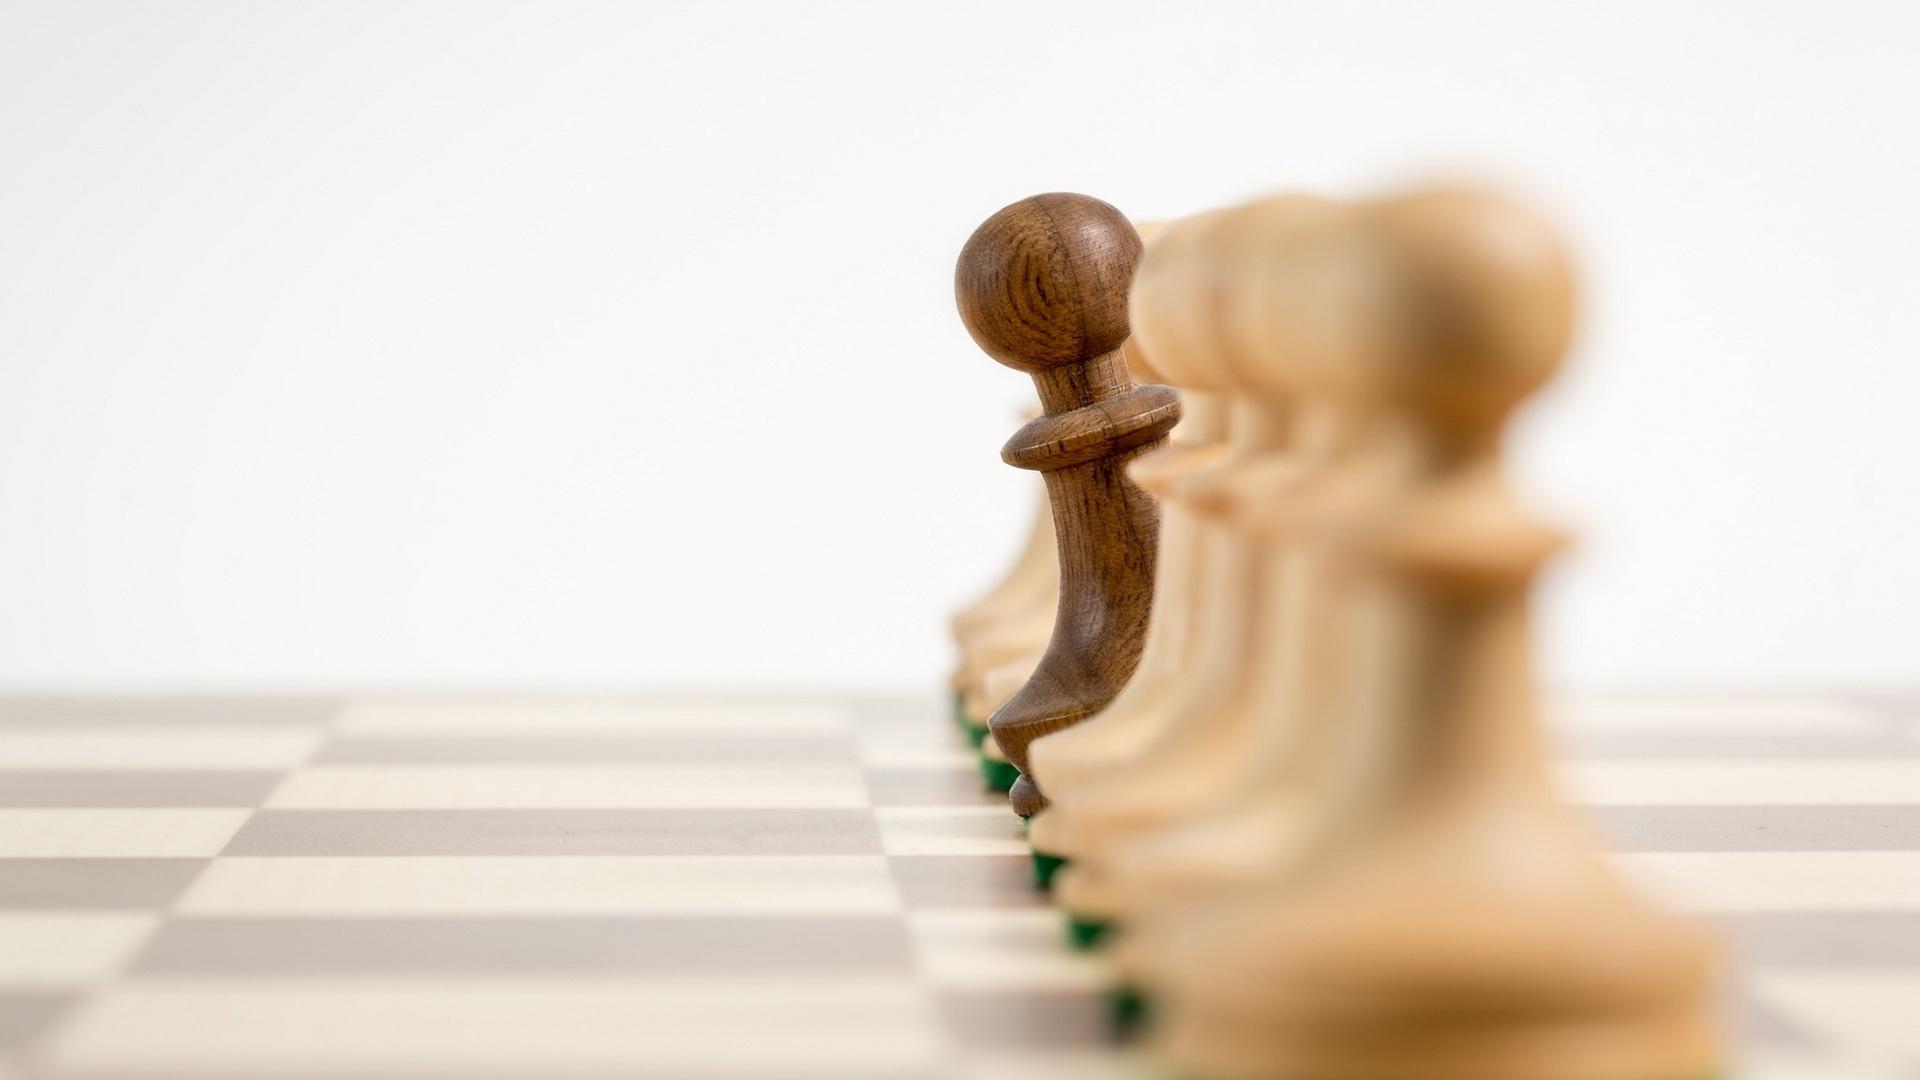 chess-pawns-1920x1080